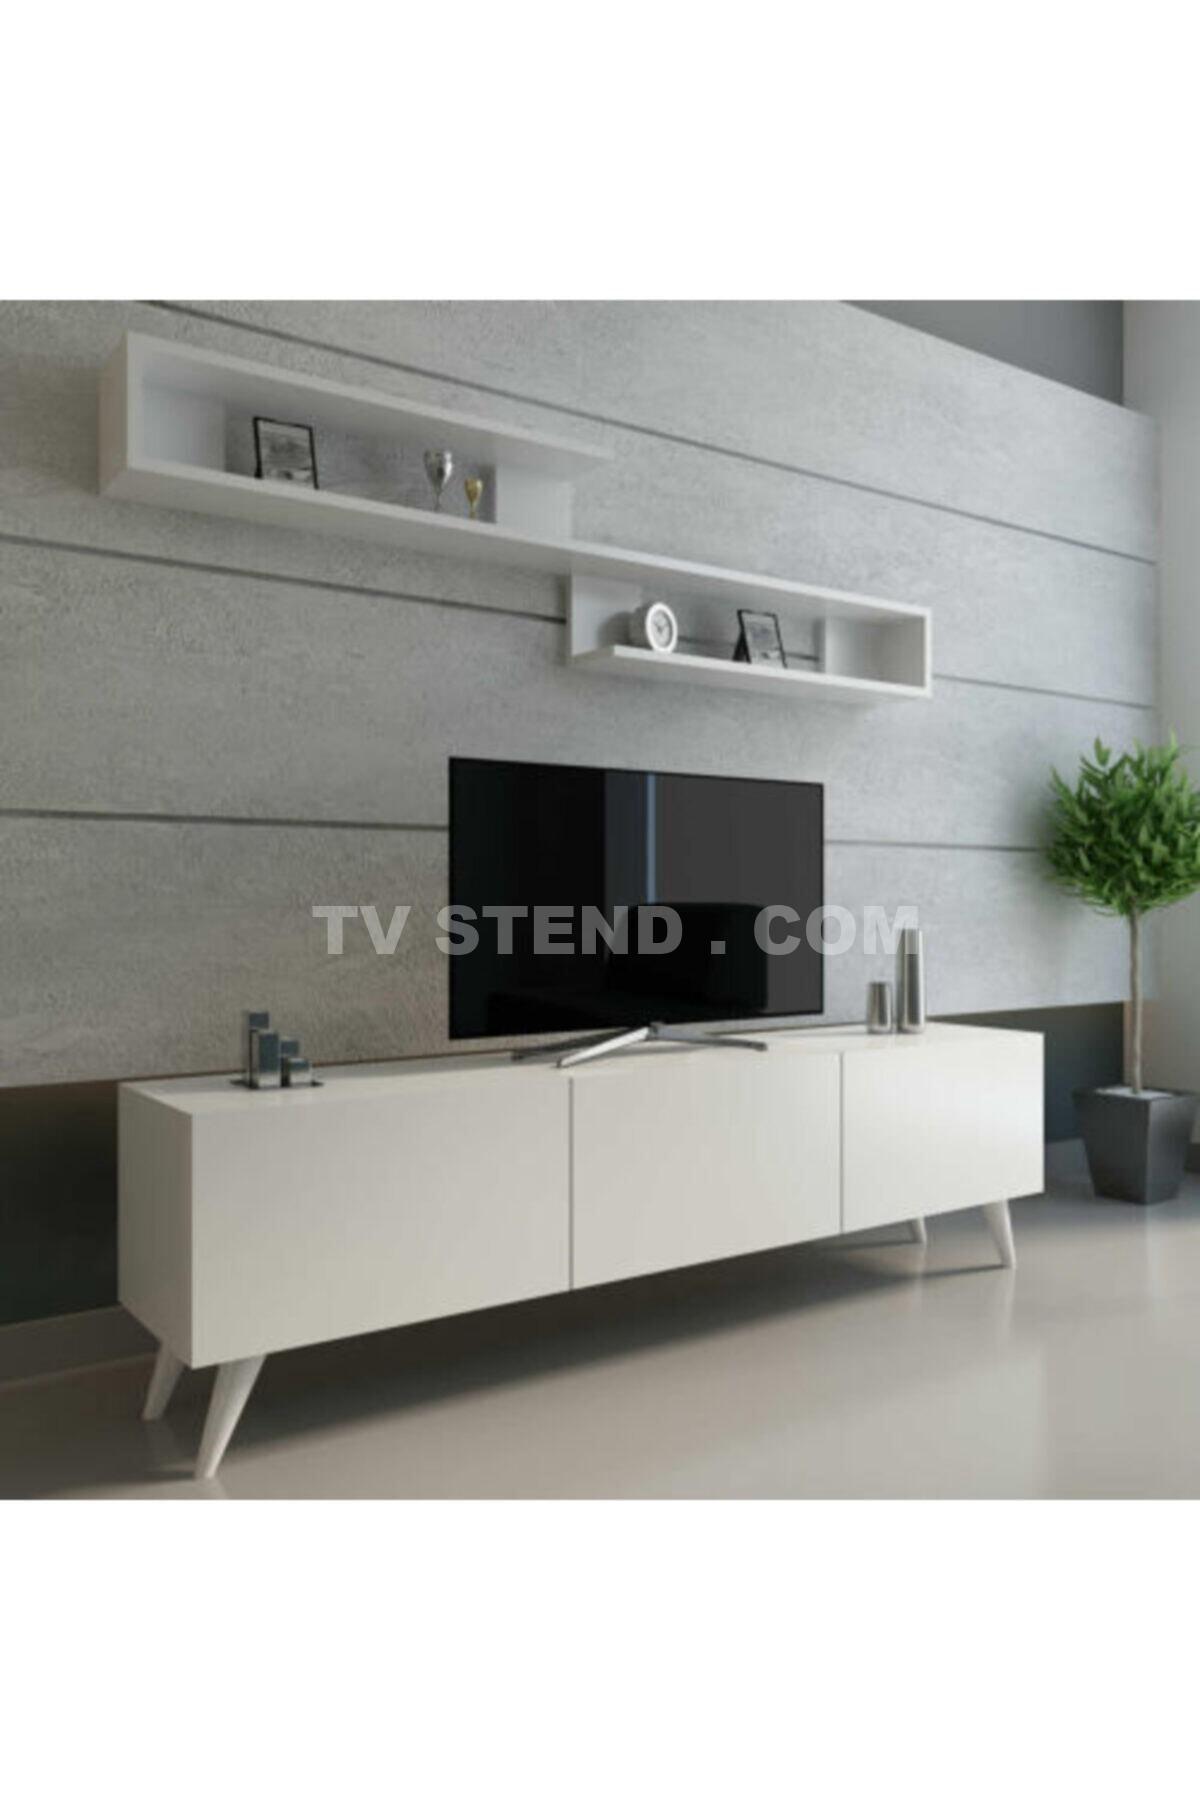 Dekormia World televizor altı